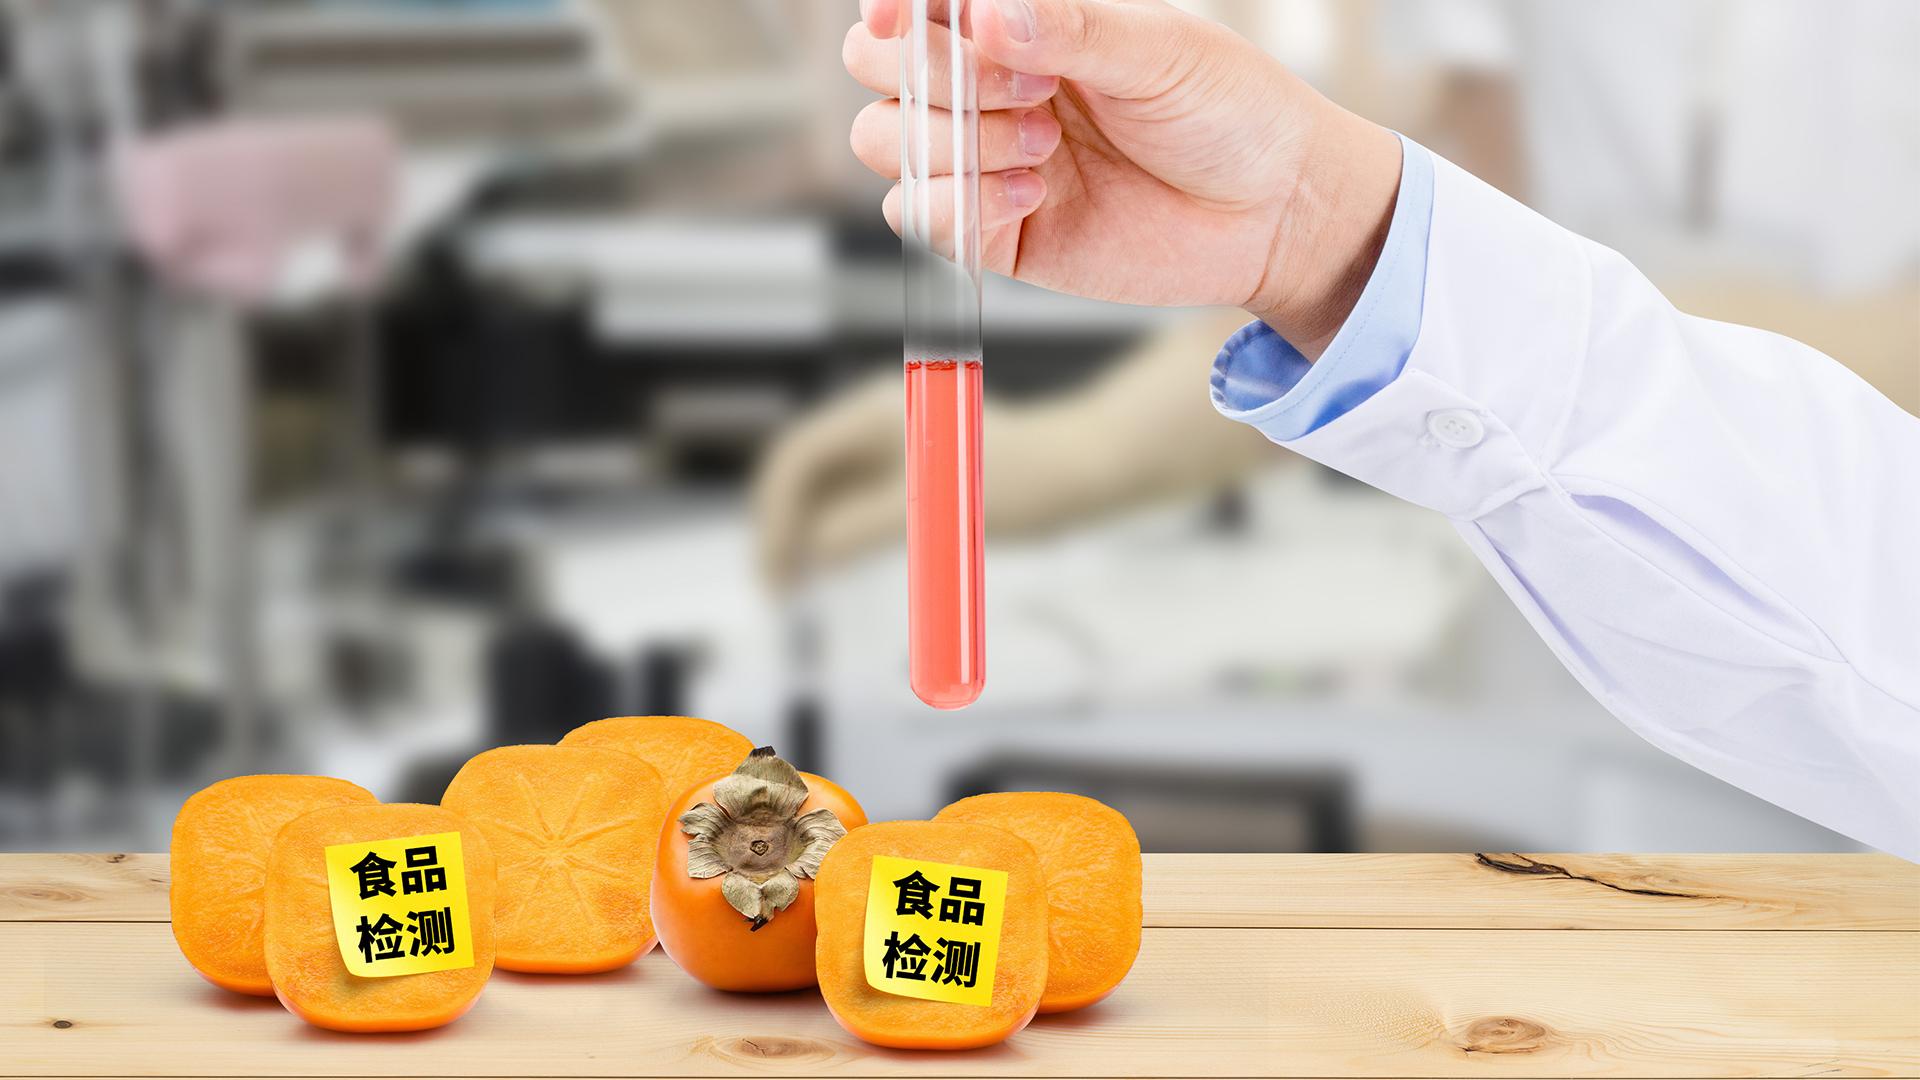 食品保健品中水分及功效性成分检测研讨会-培训中心-www.bzwz.com伟业计量